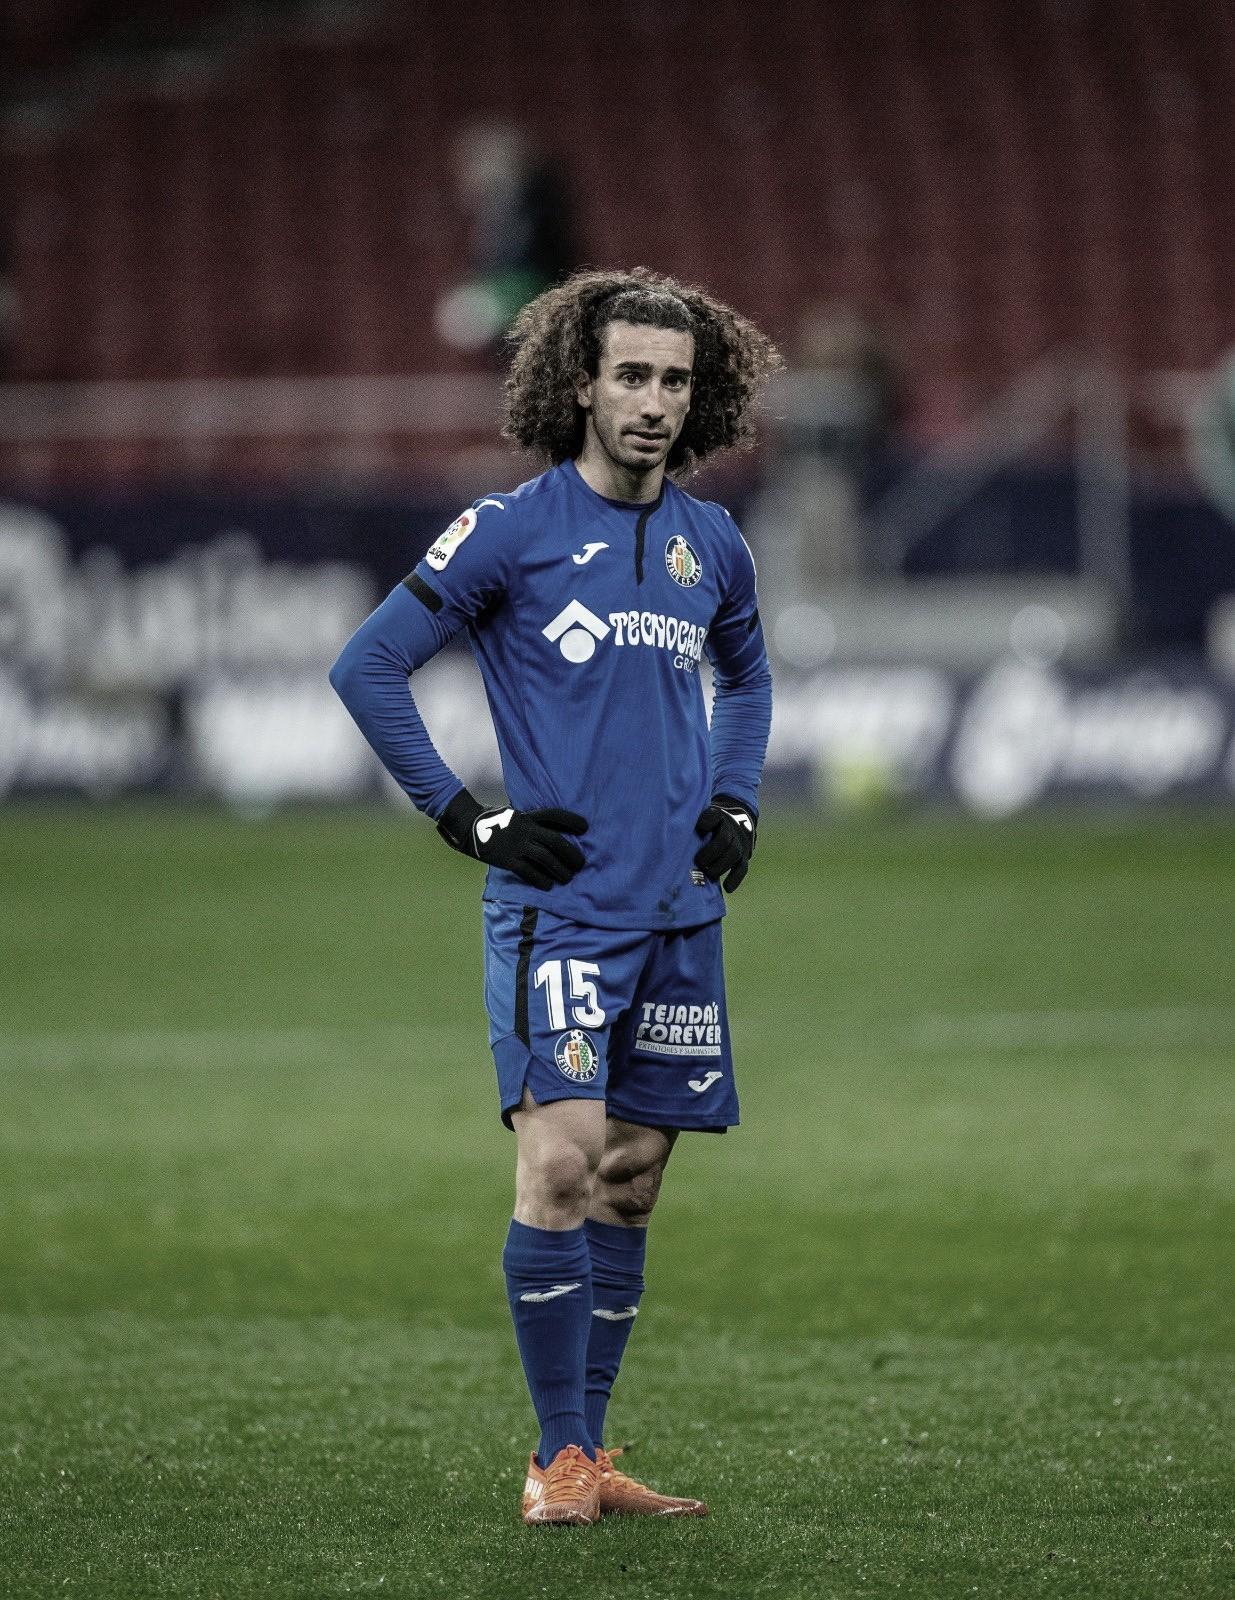 Marc Cucurella, Brighton & Hove Albion new signing